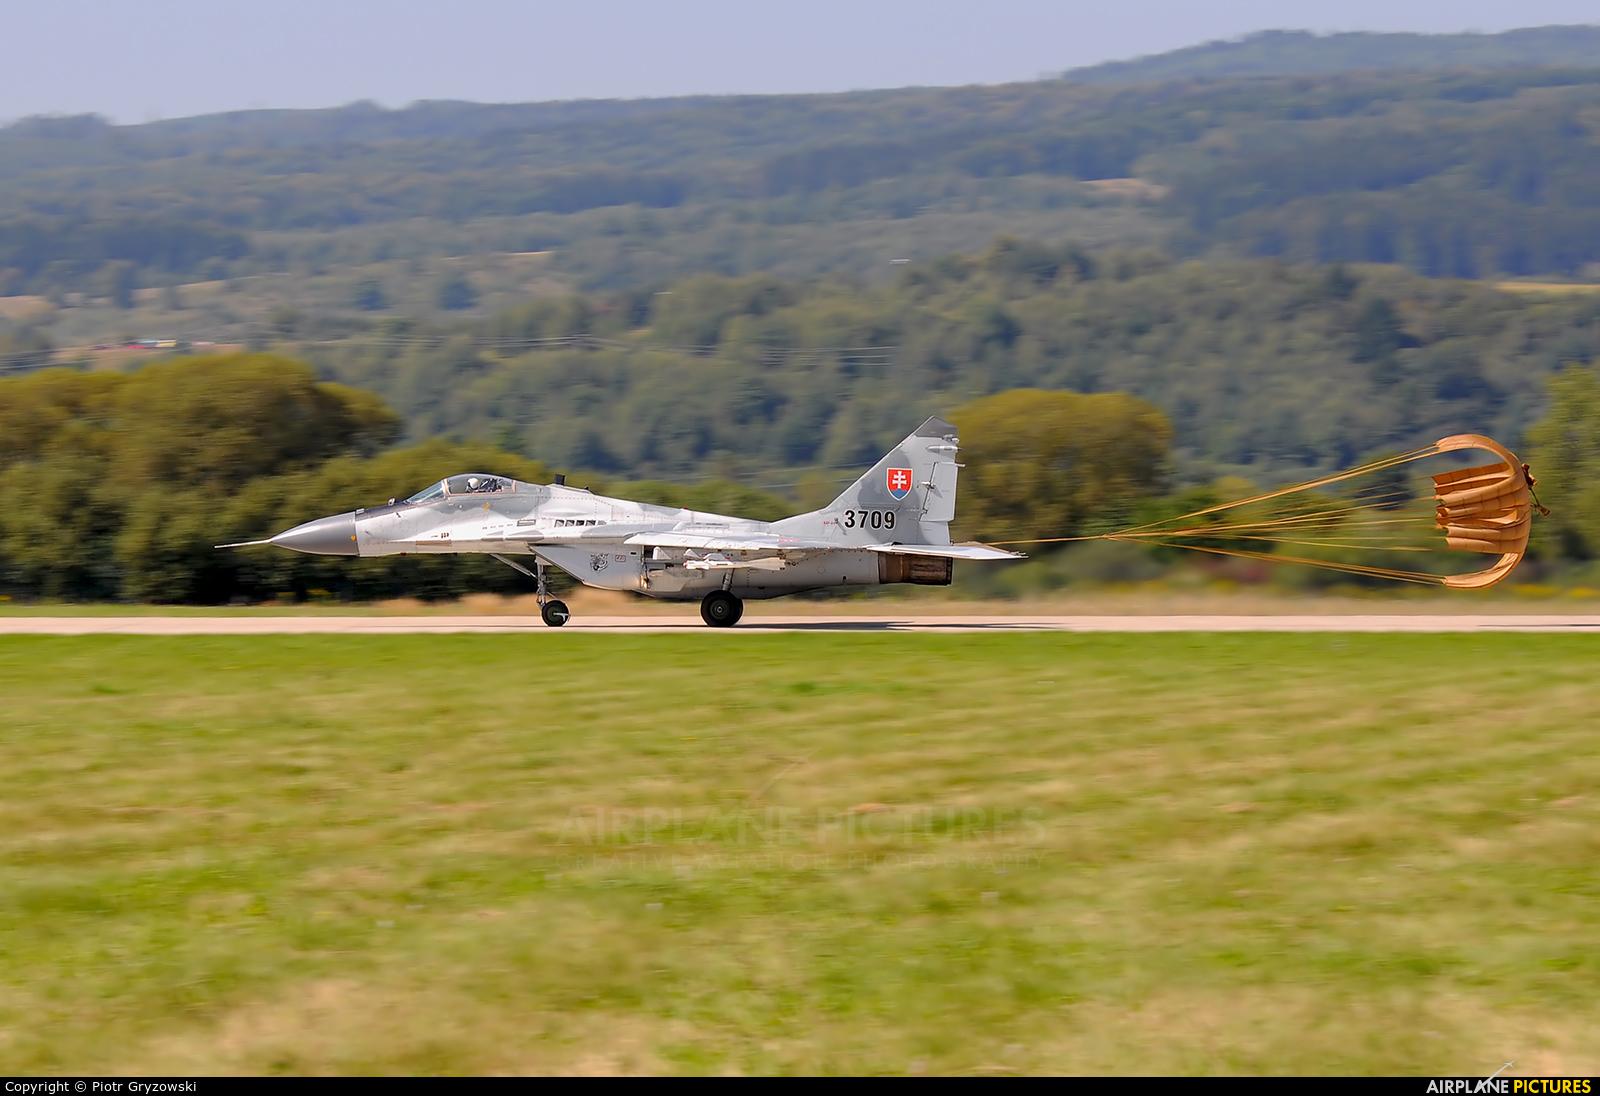 Slovakia -  Air Force 3709 aircraft at Sliač